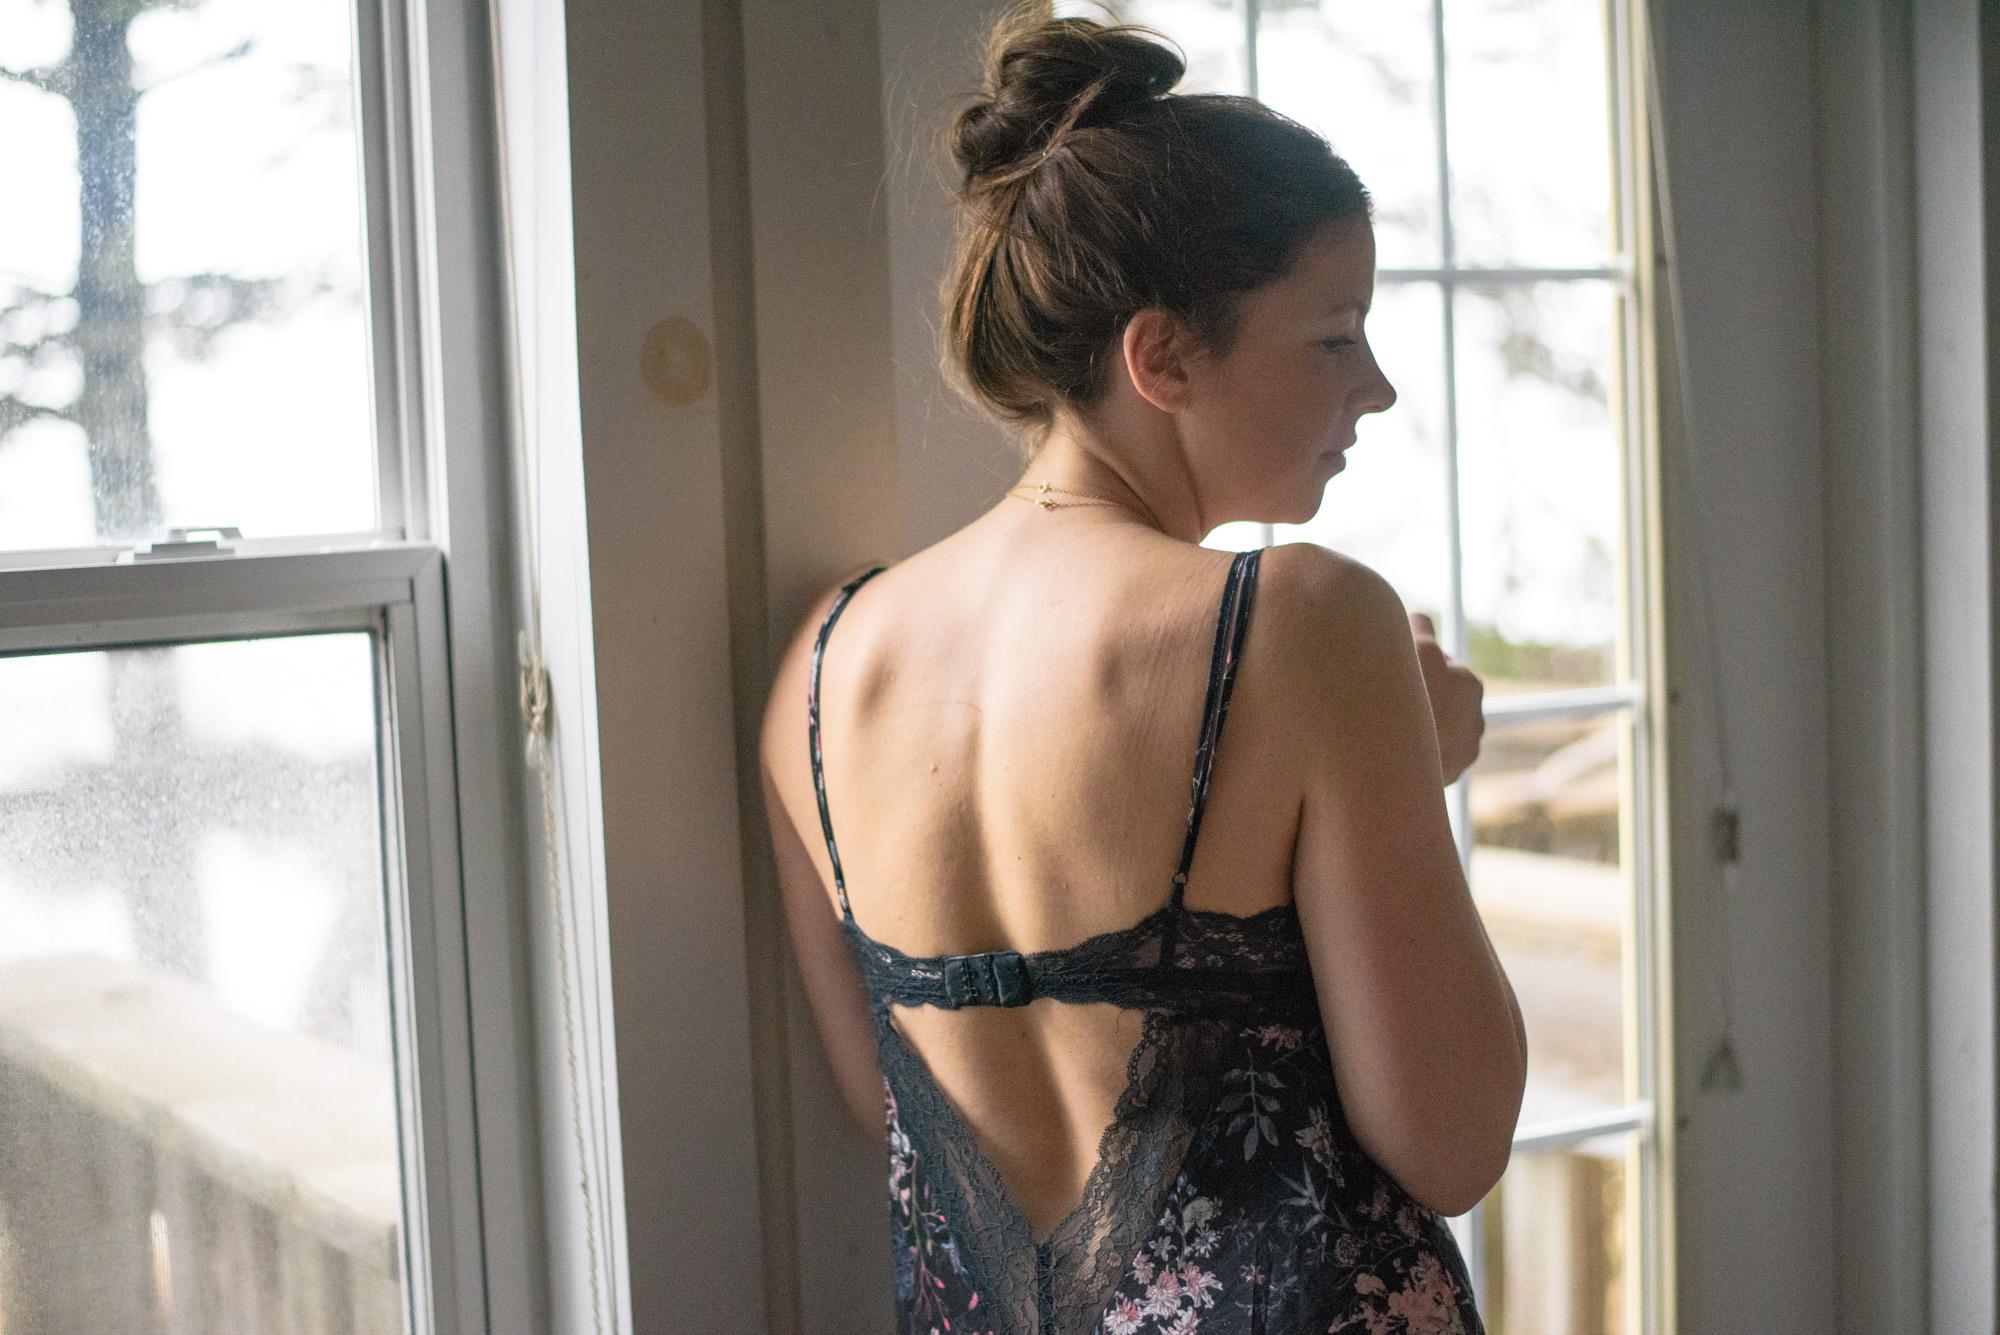 Wild Rosebuds: Refreshing my Pyjama drawer with La vie en rose